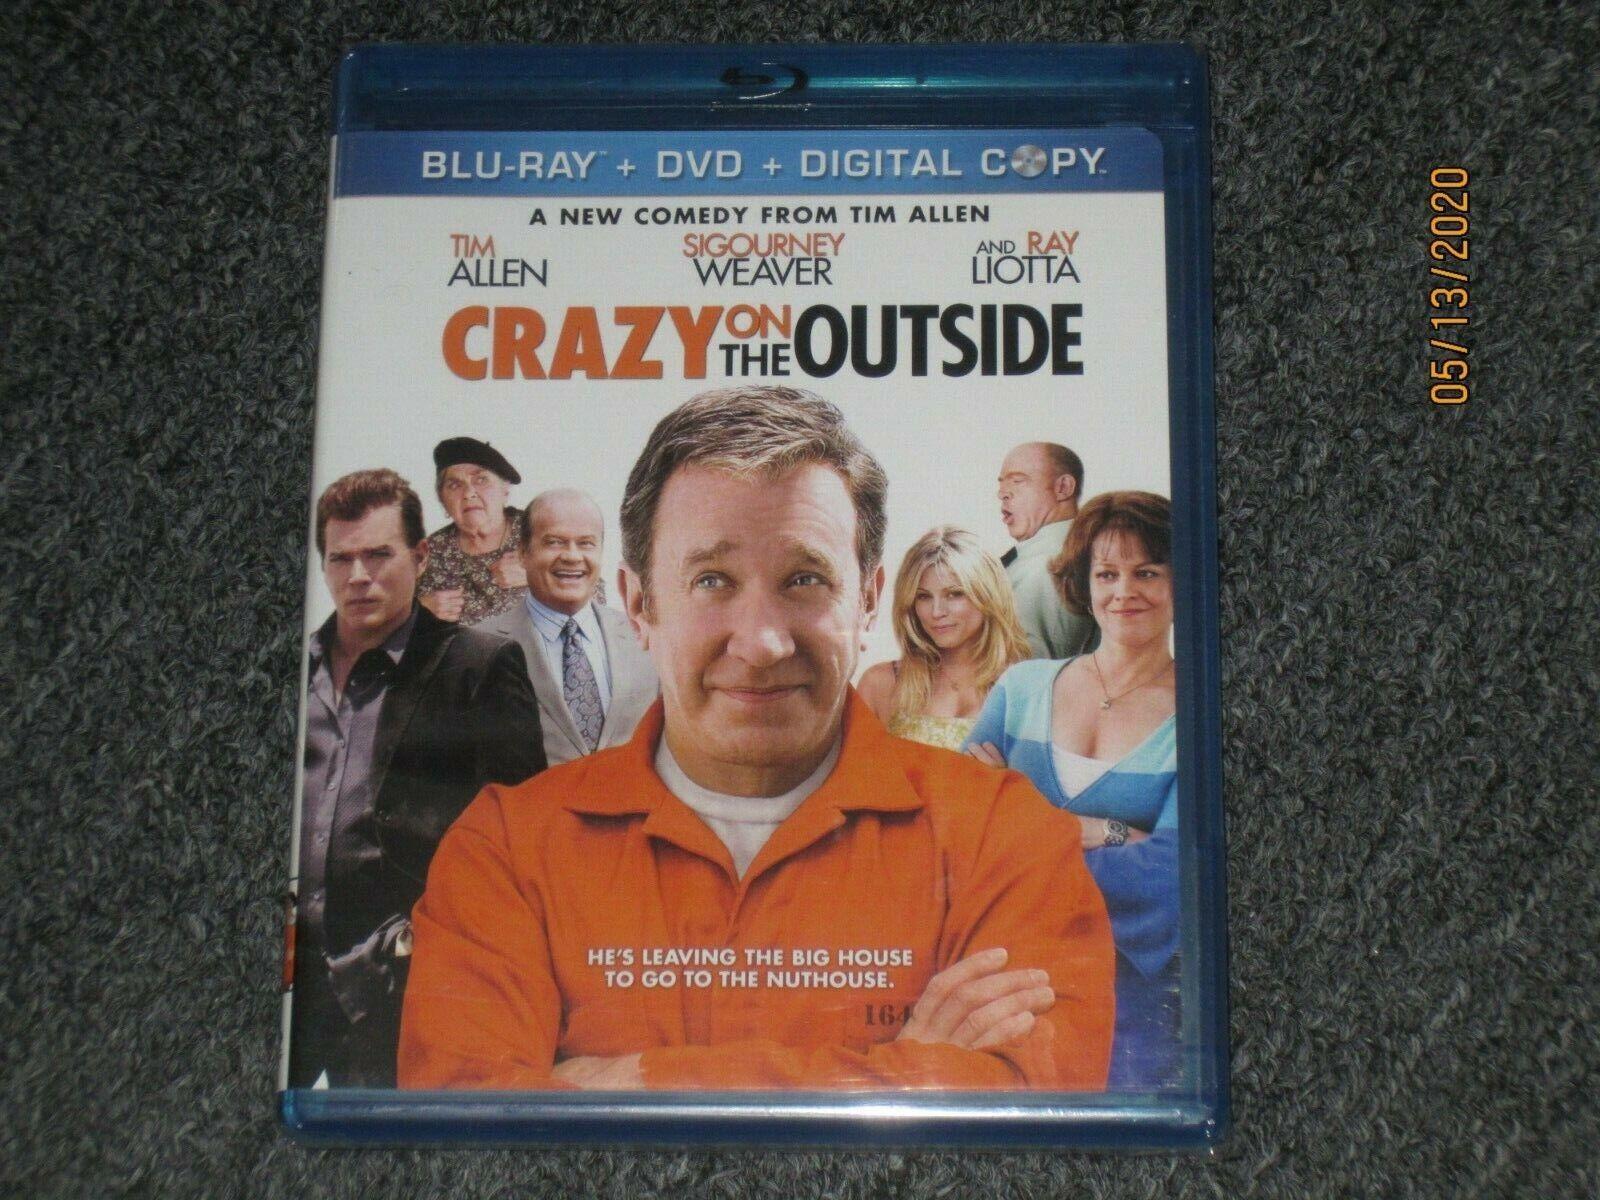 Crazy on the Outside  Tim Allen, Ray Liotta, Kelsey Grammer